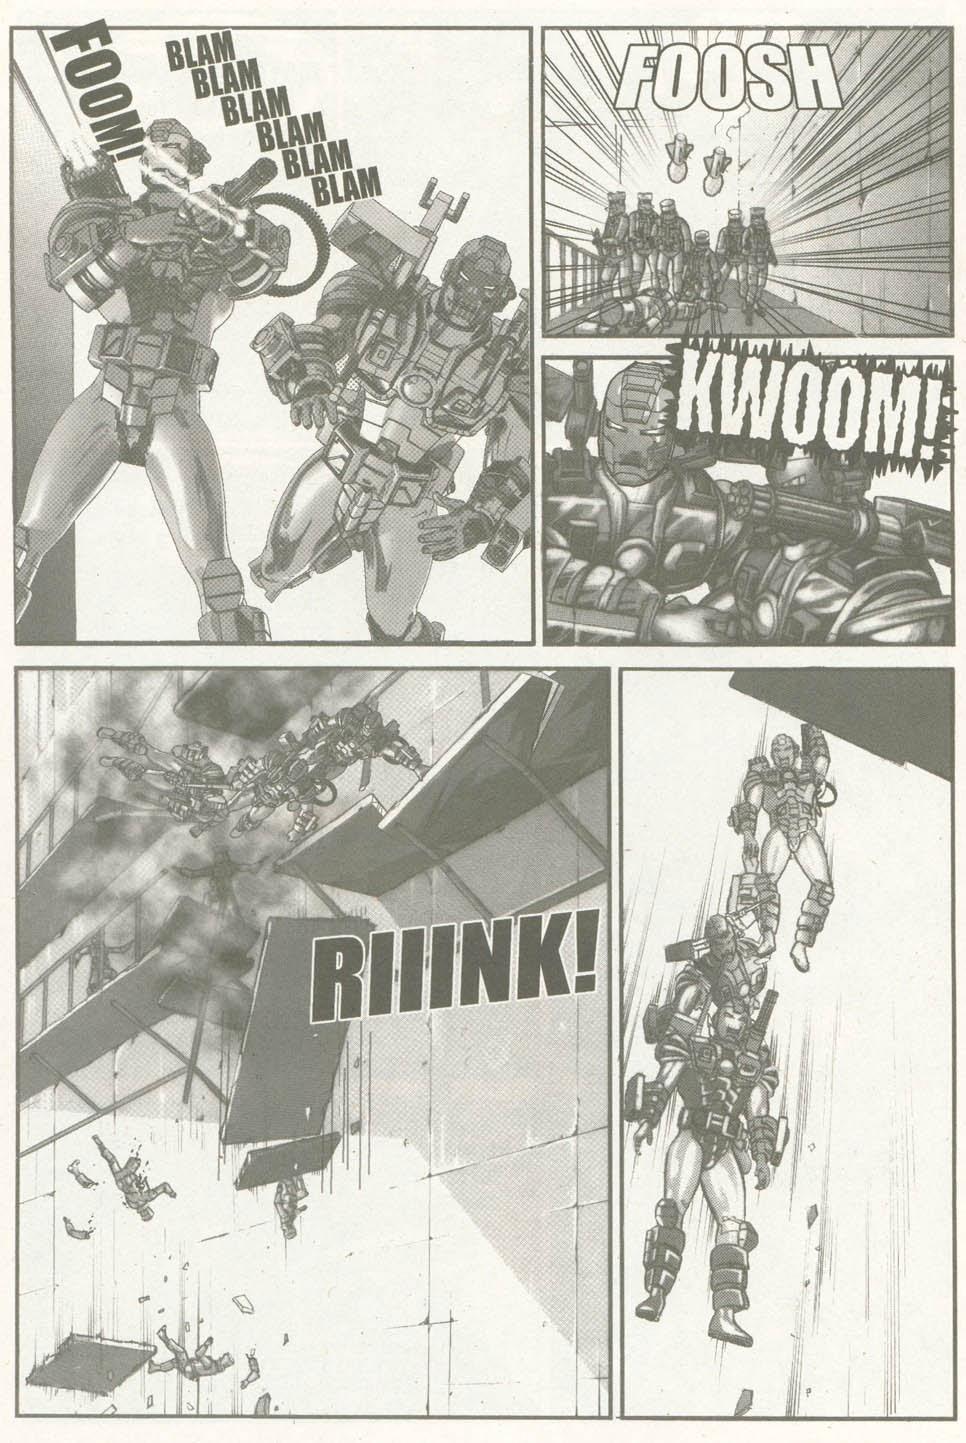 Read online U.S. War Machine comic -  Issue #6 - 23